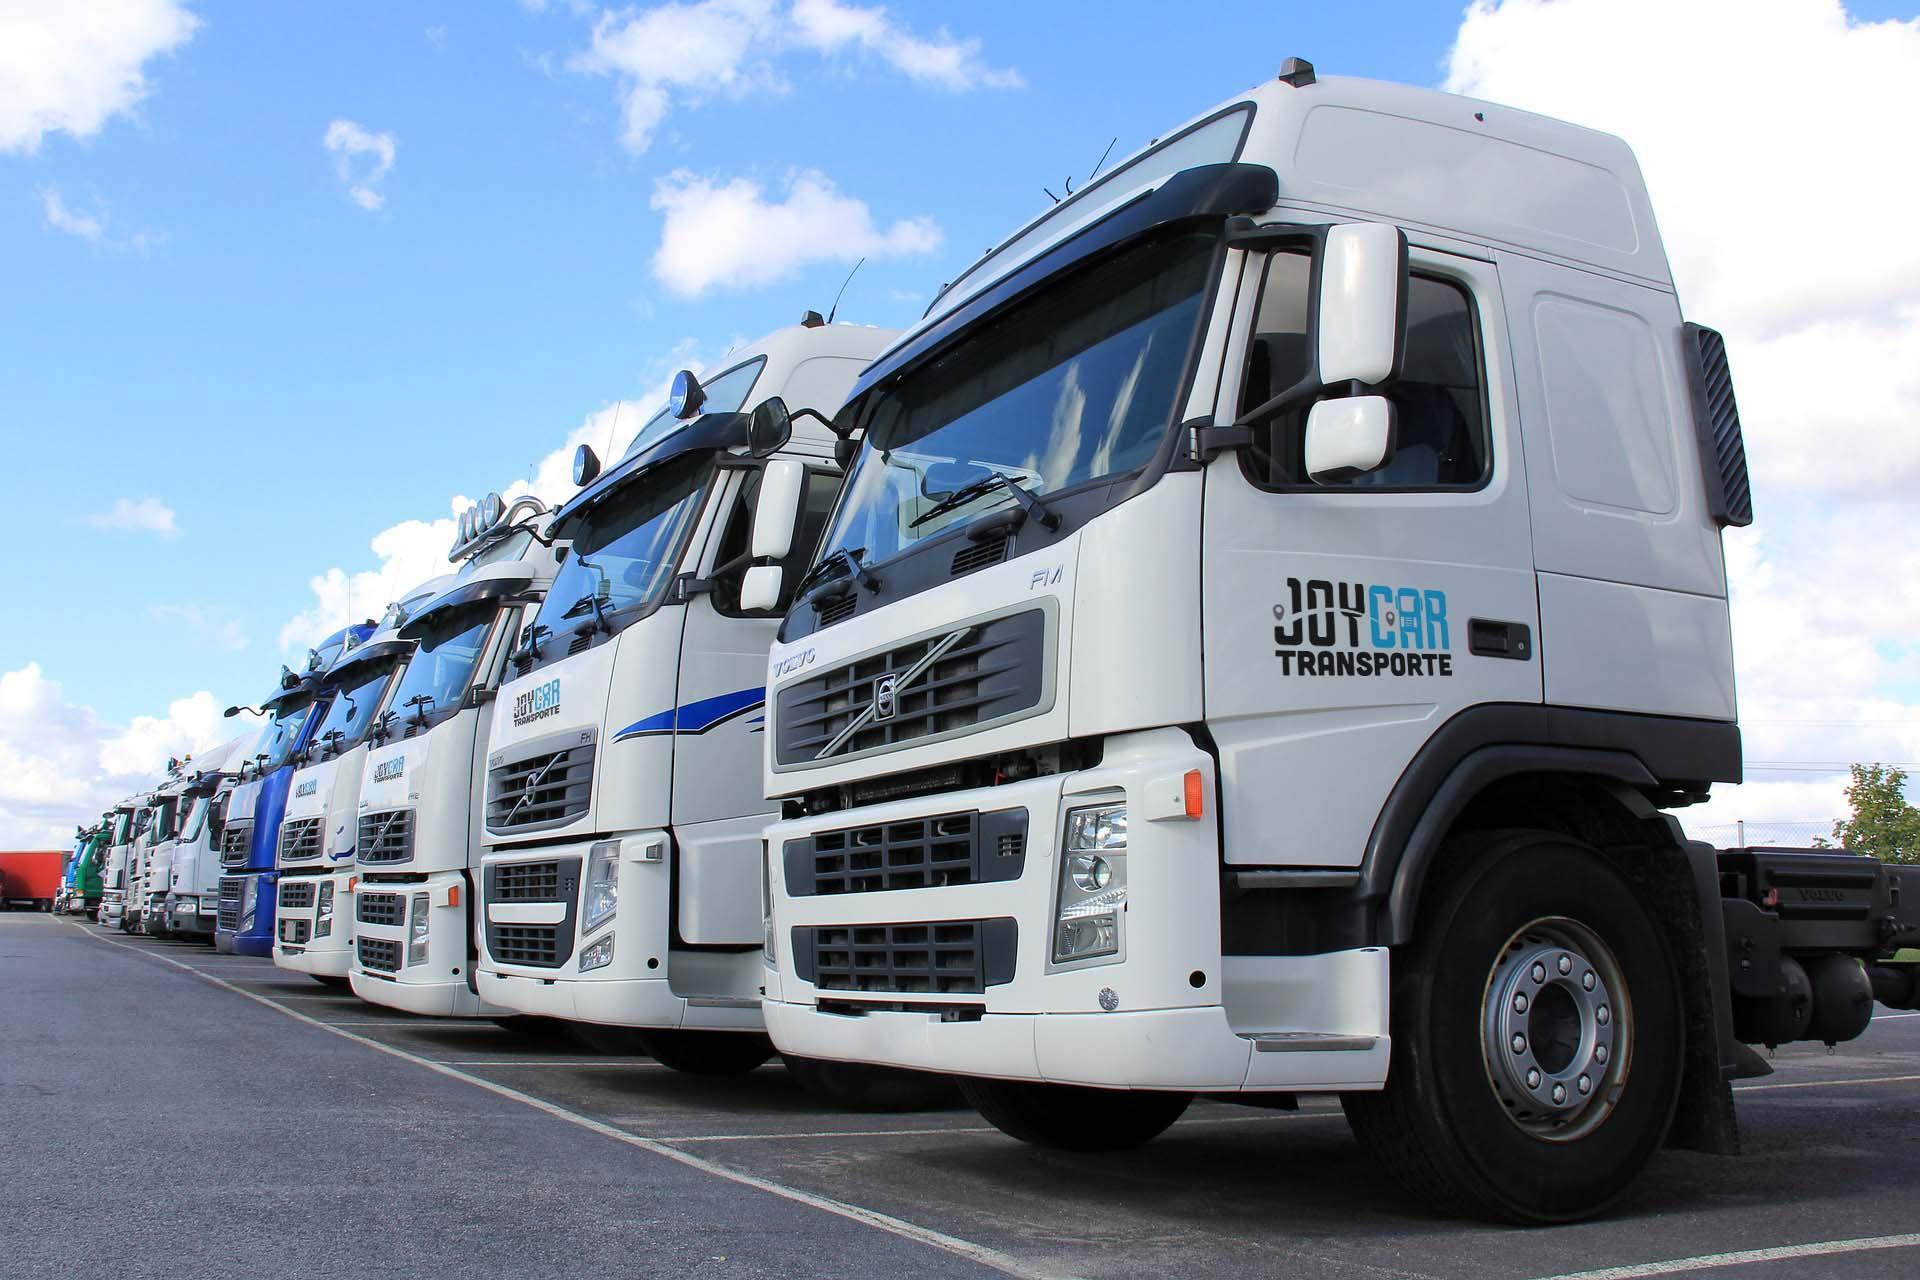 truck-1501222_1920_modificada